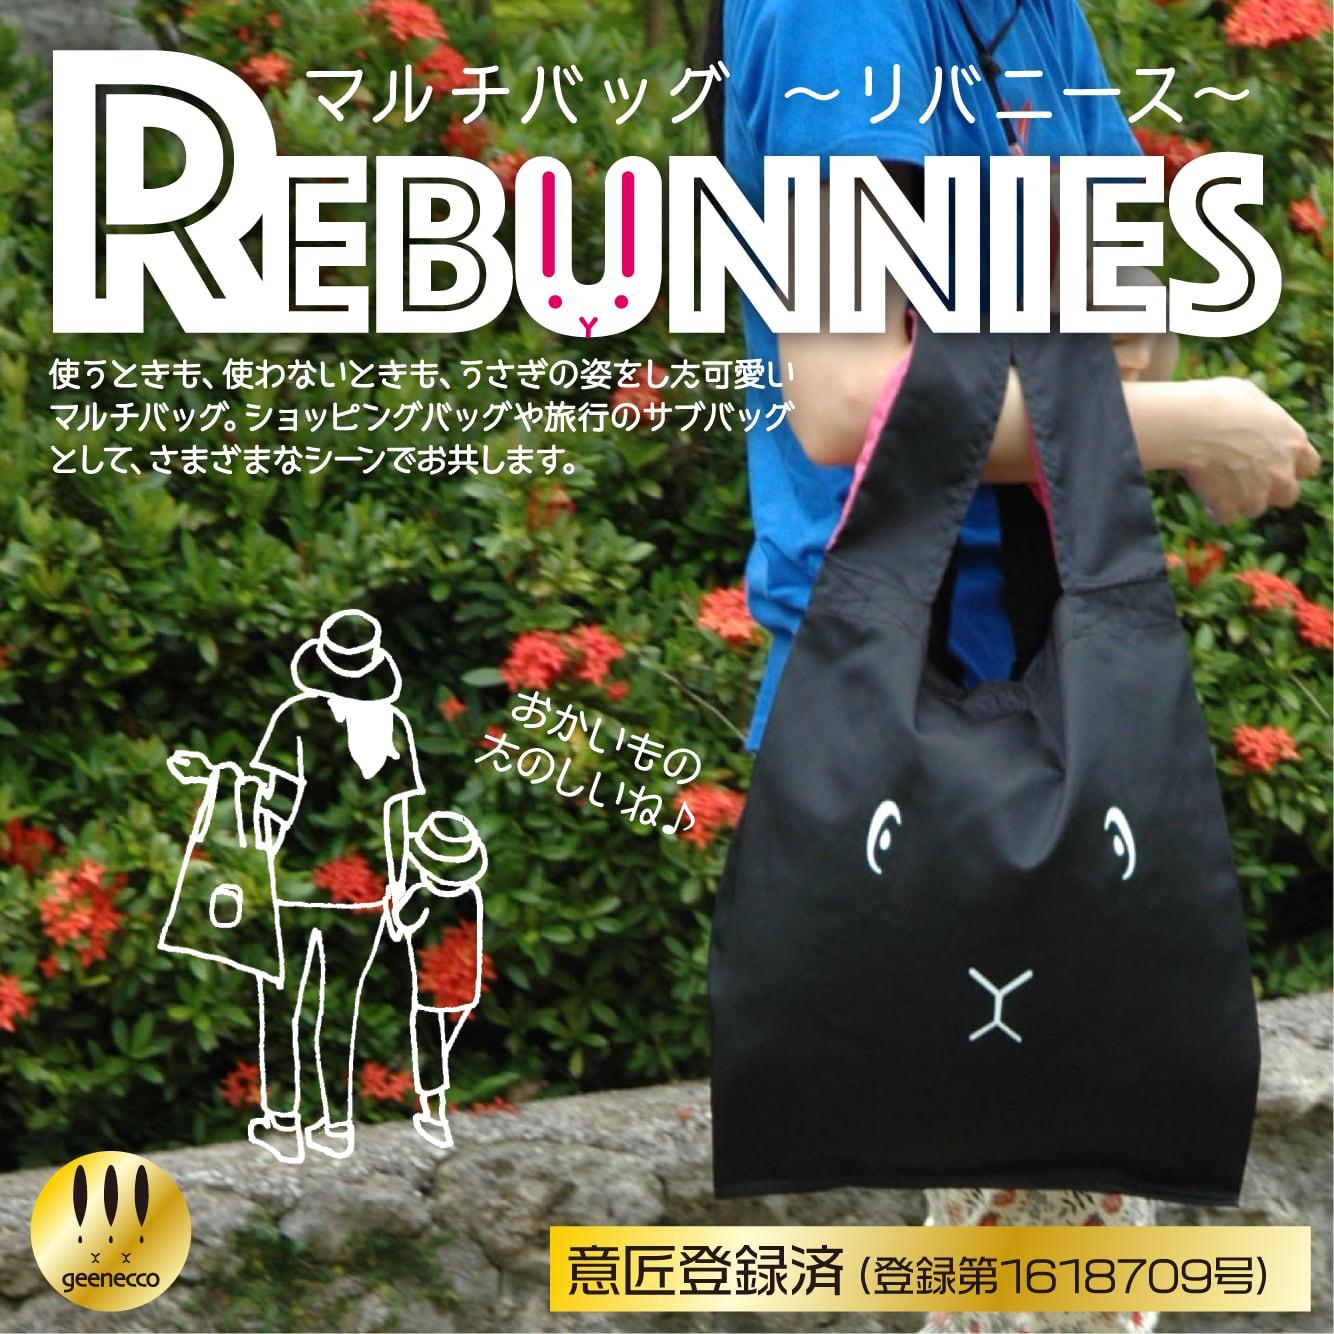 【再販】うさぎがウサギに変身するバッグ REBUNNIES(リバニース)バイオレット